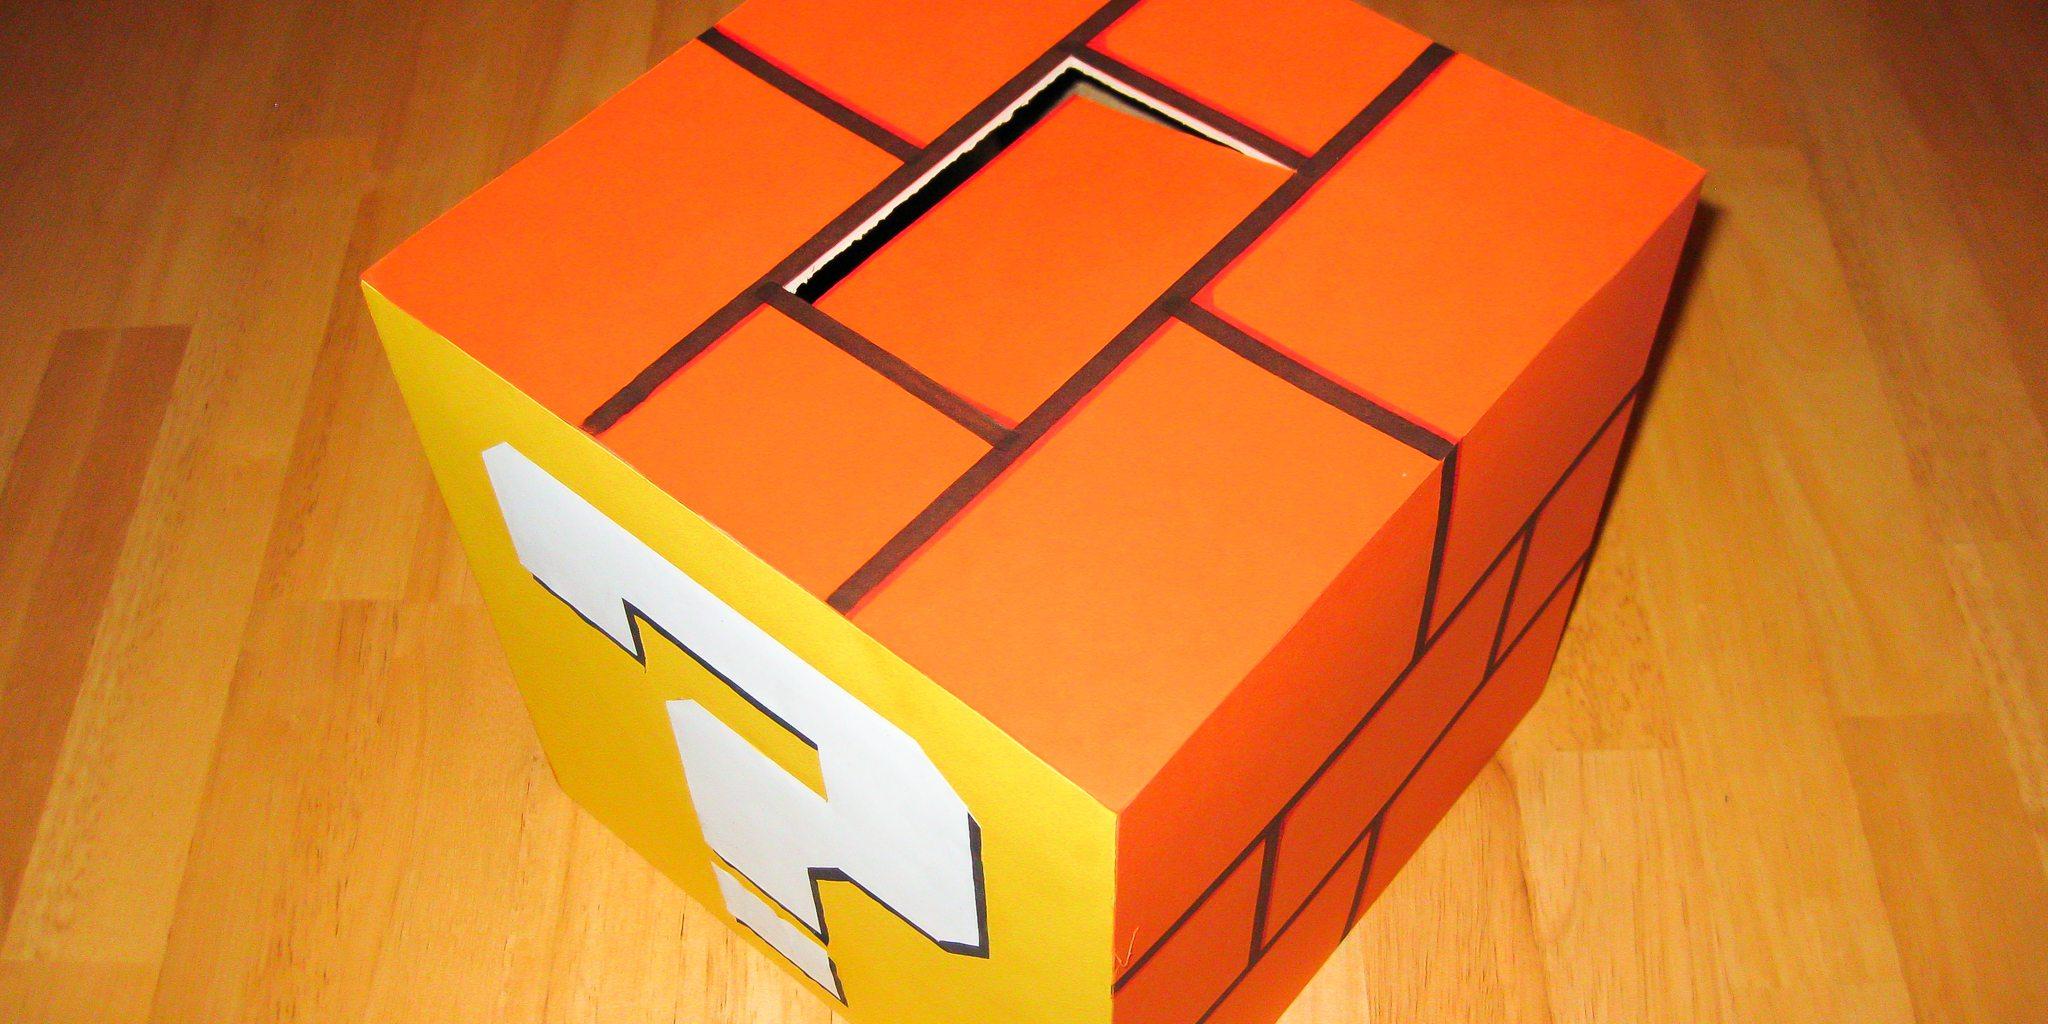 Mario Coin Block Valentine's Day Box